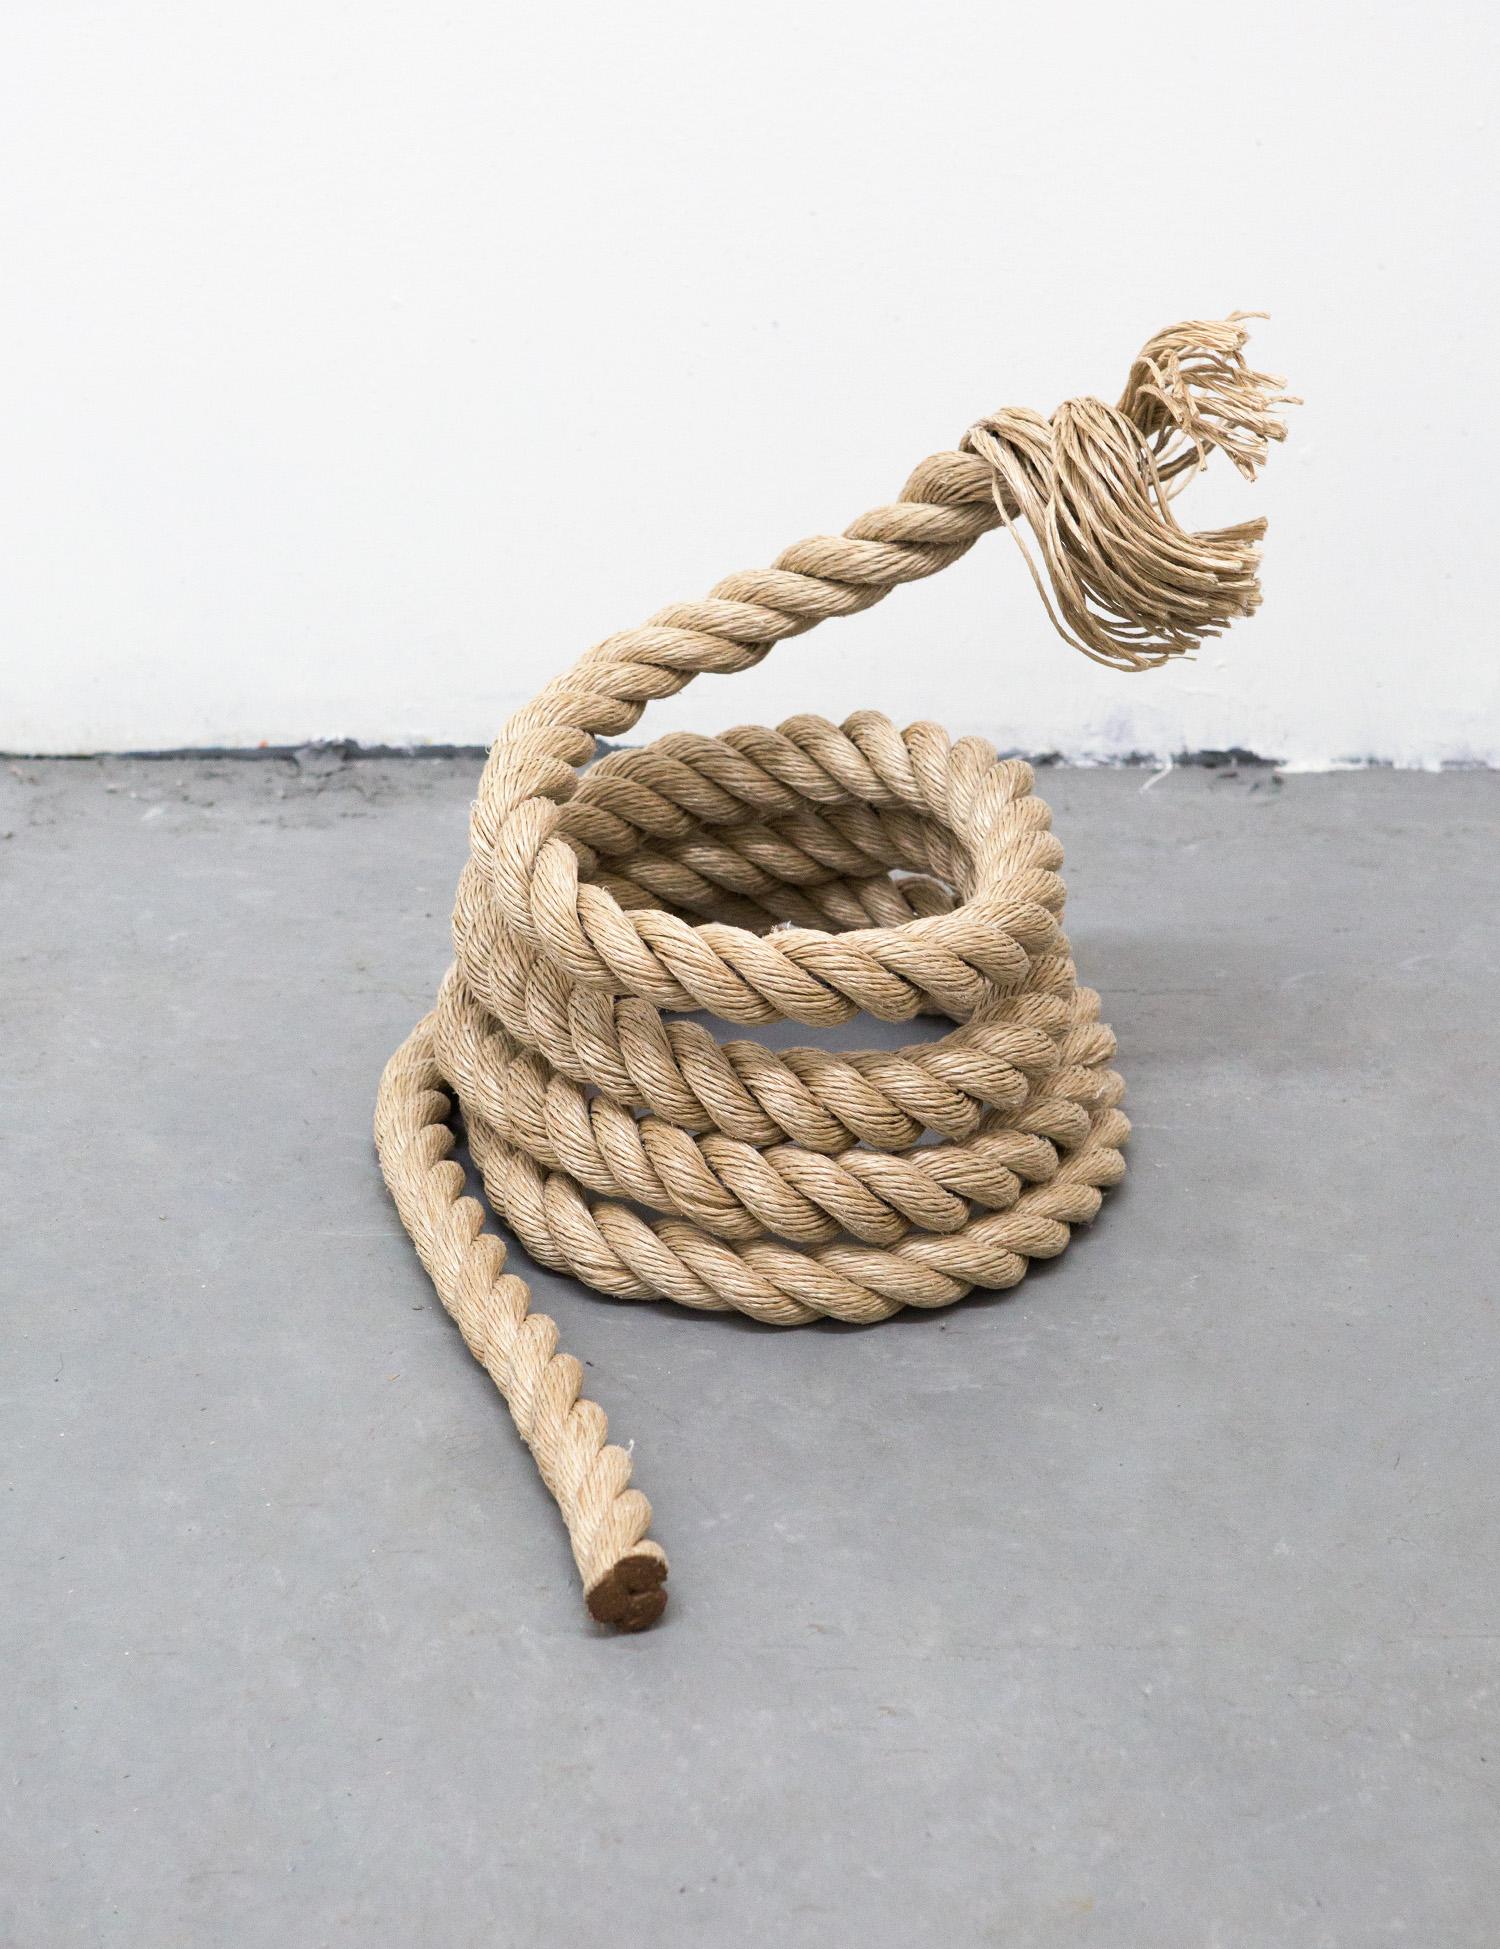 Untitled (4), 2016   Rope, Aluminum